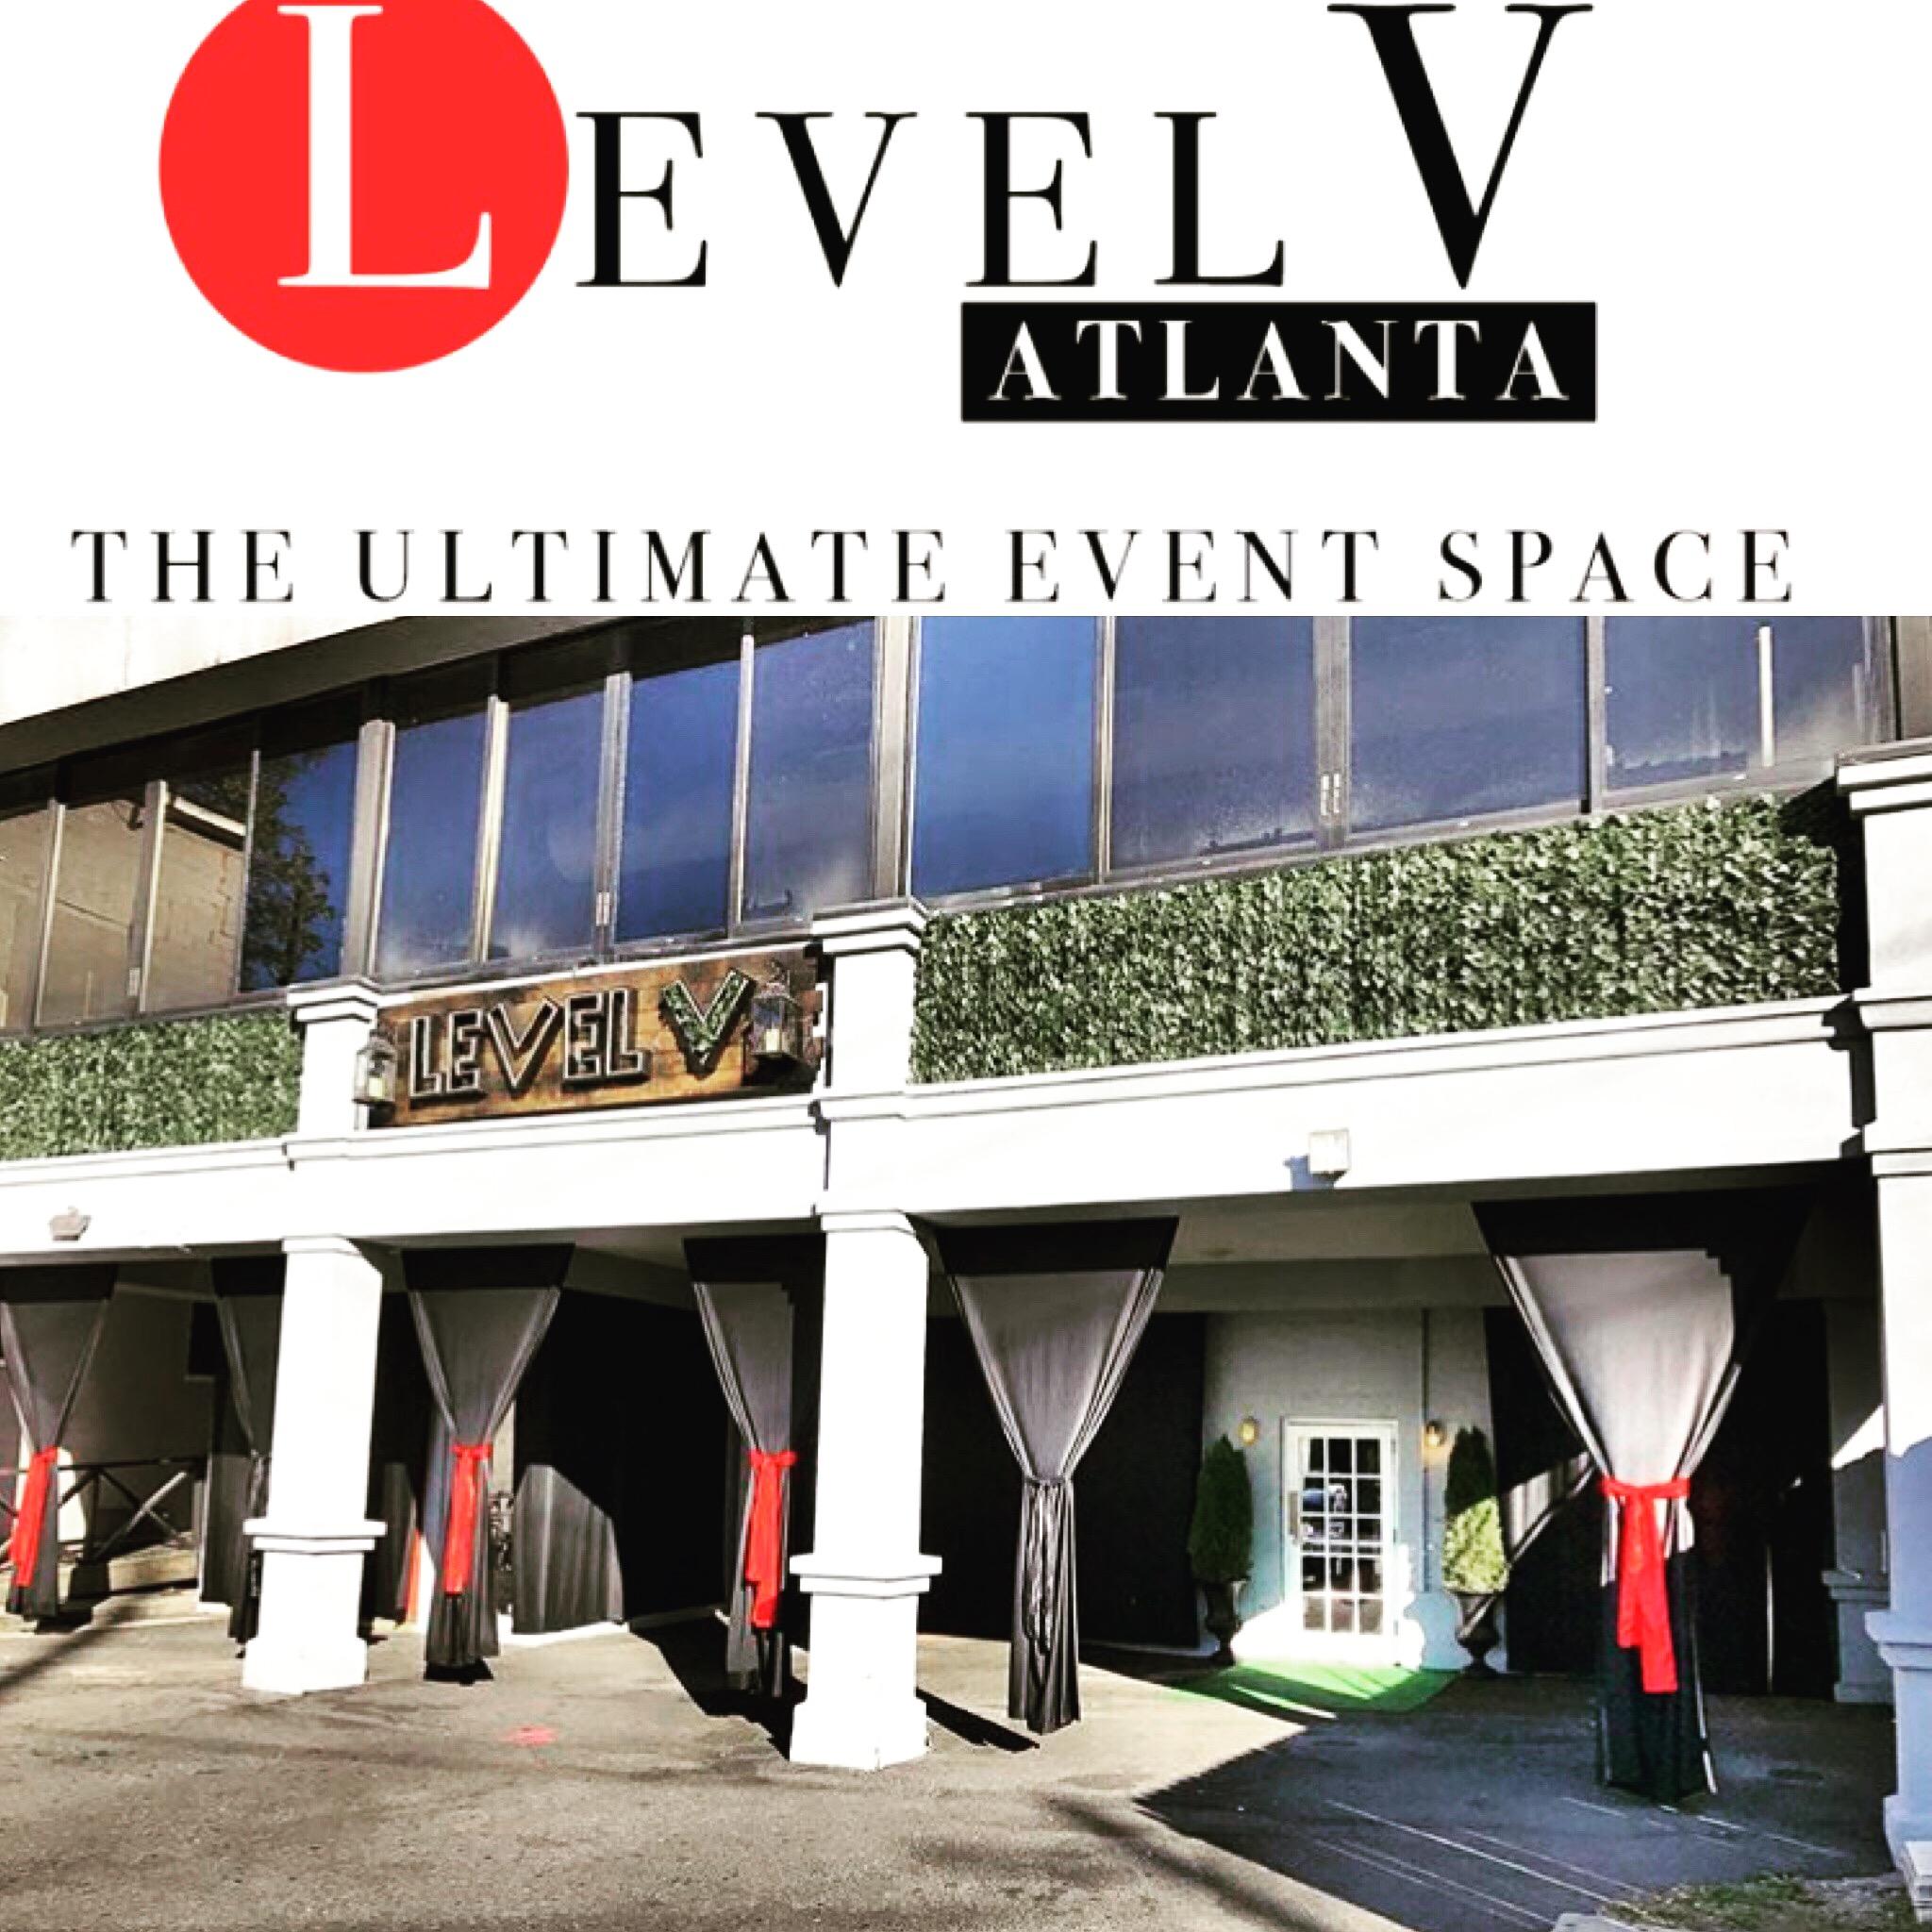 Level V atlanta